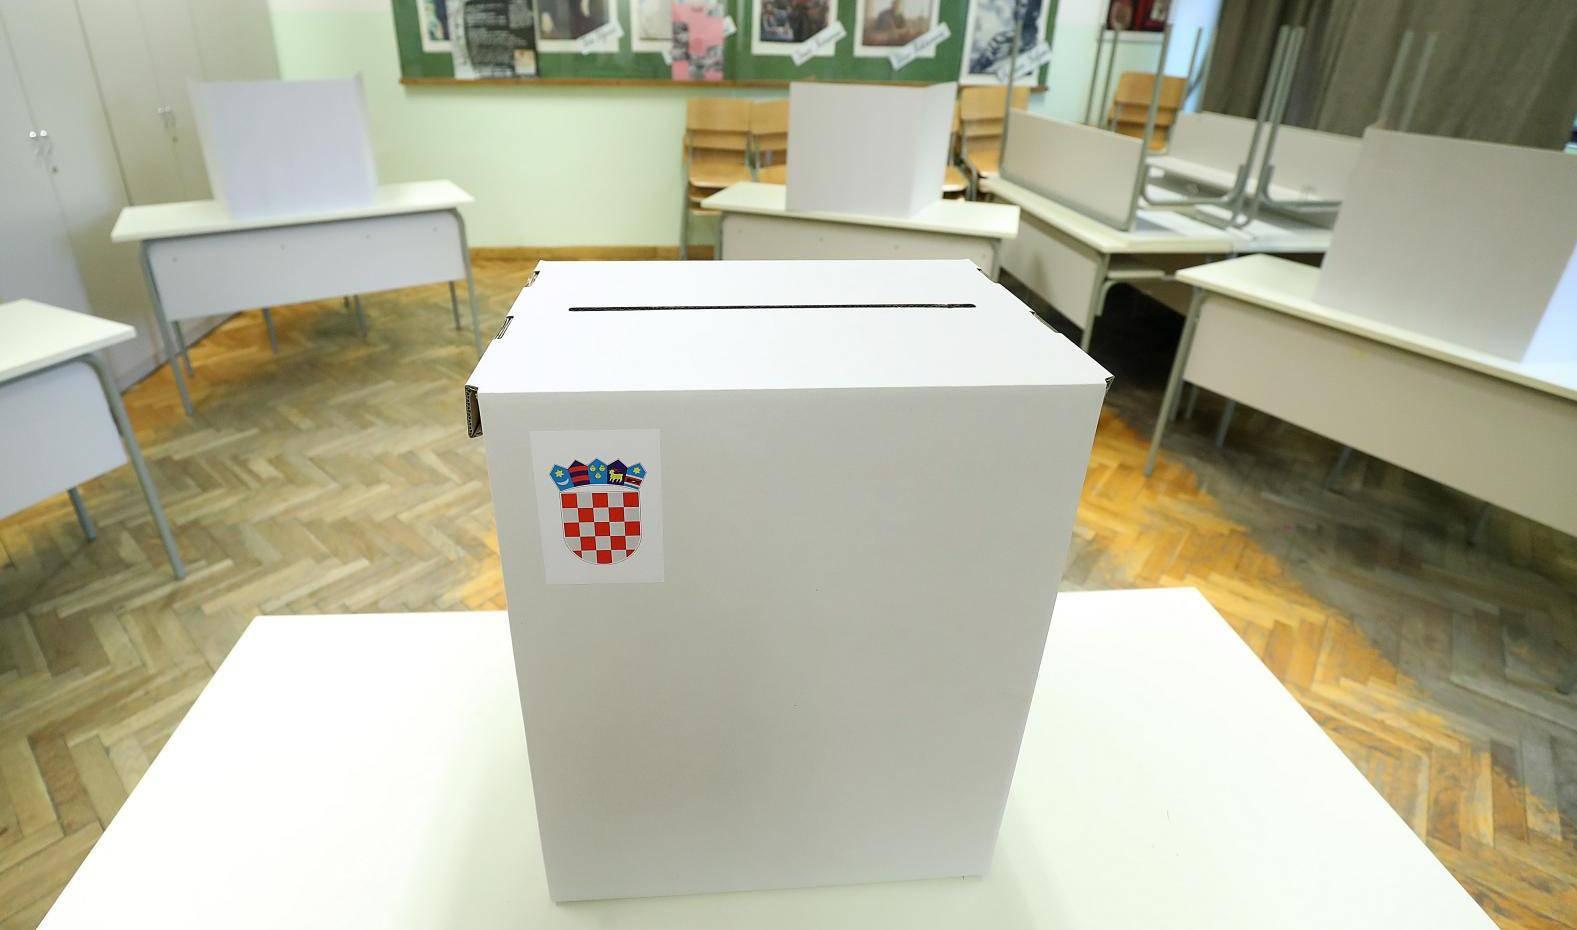 Vlada je povećala naknade za predsjednike biračkih odbora